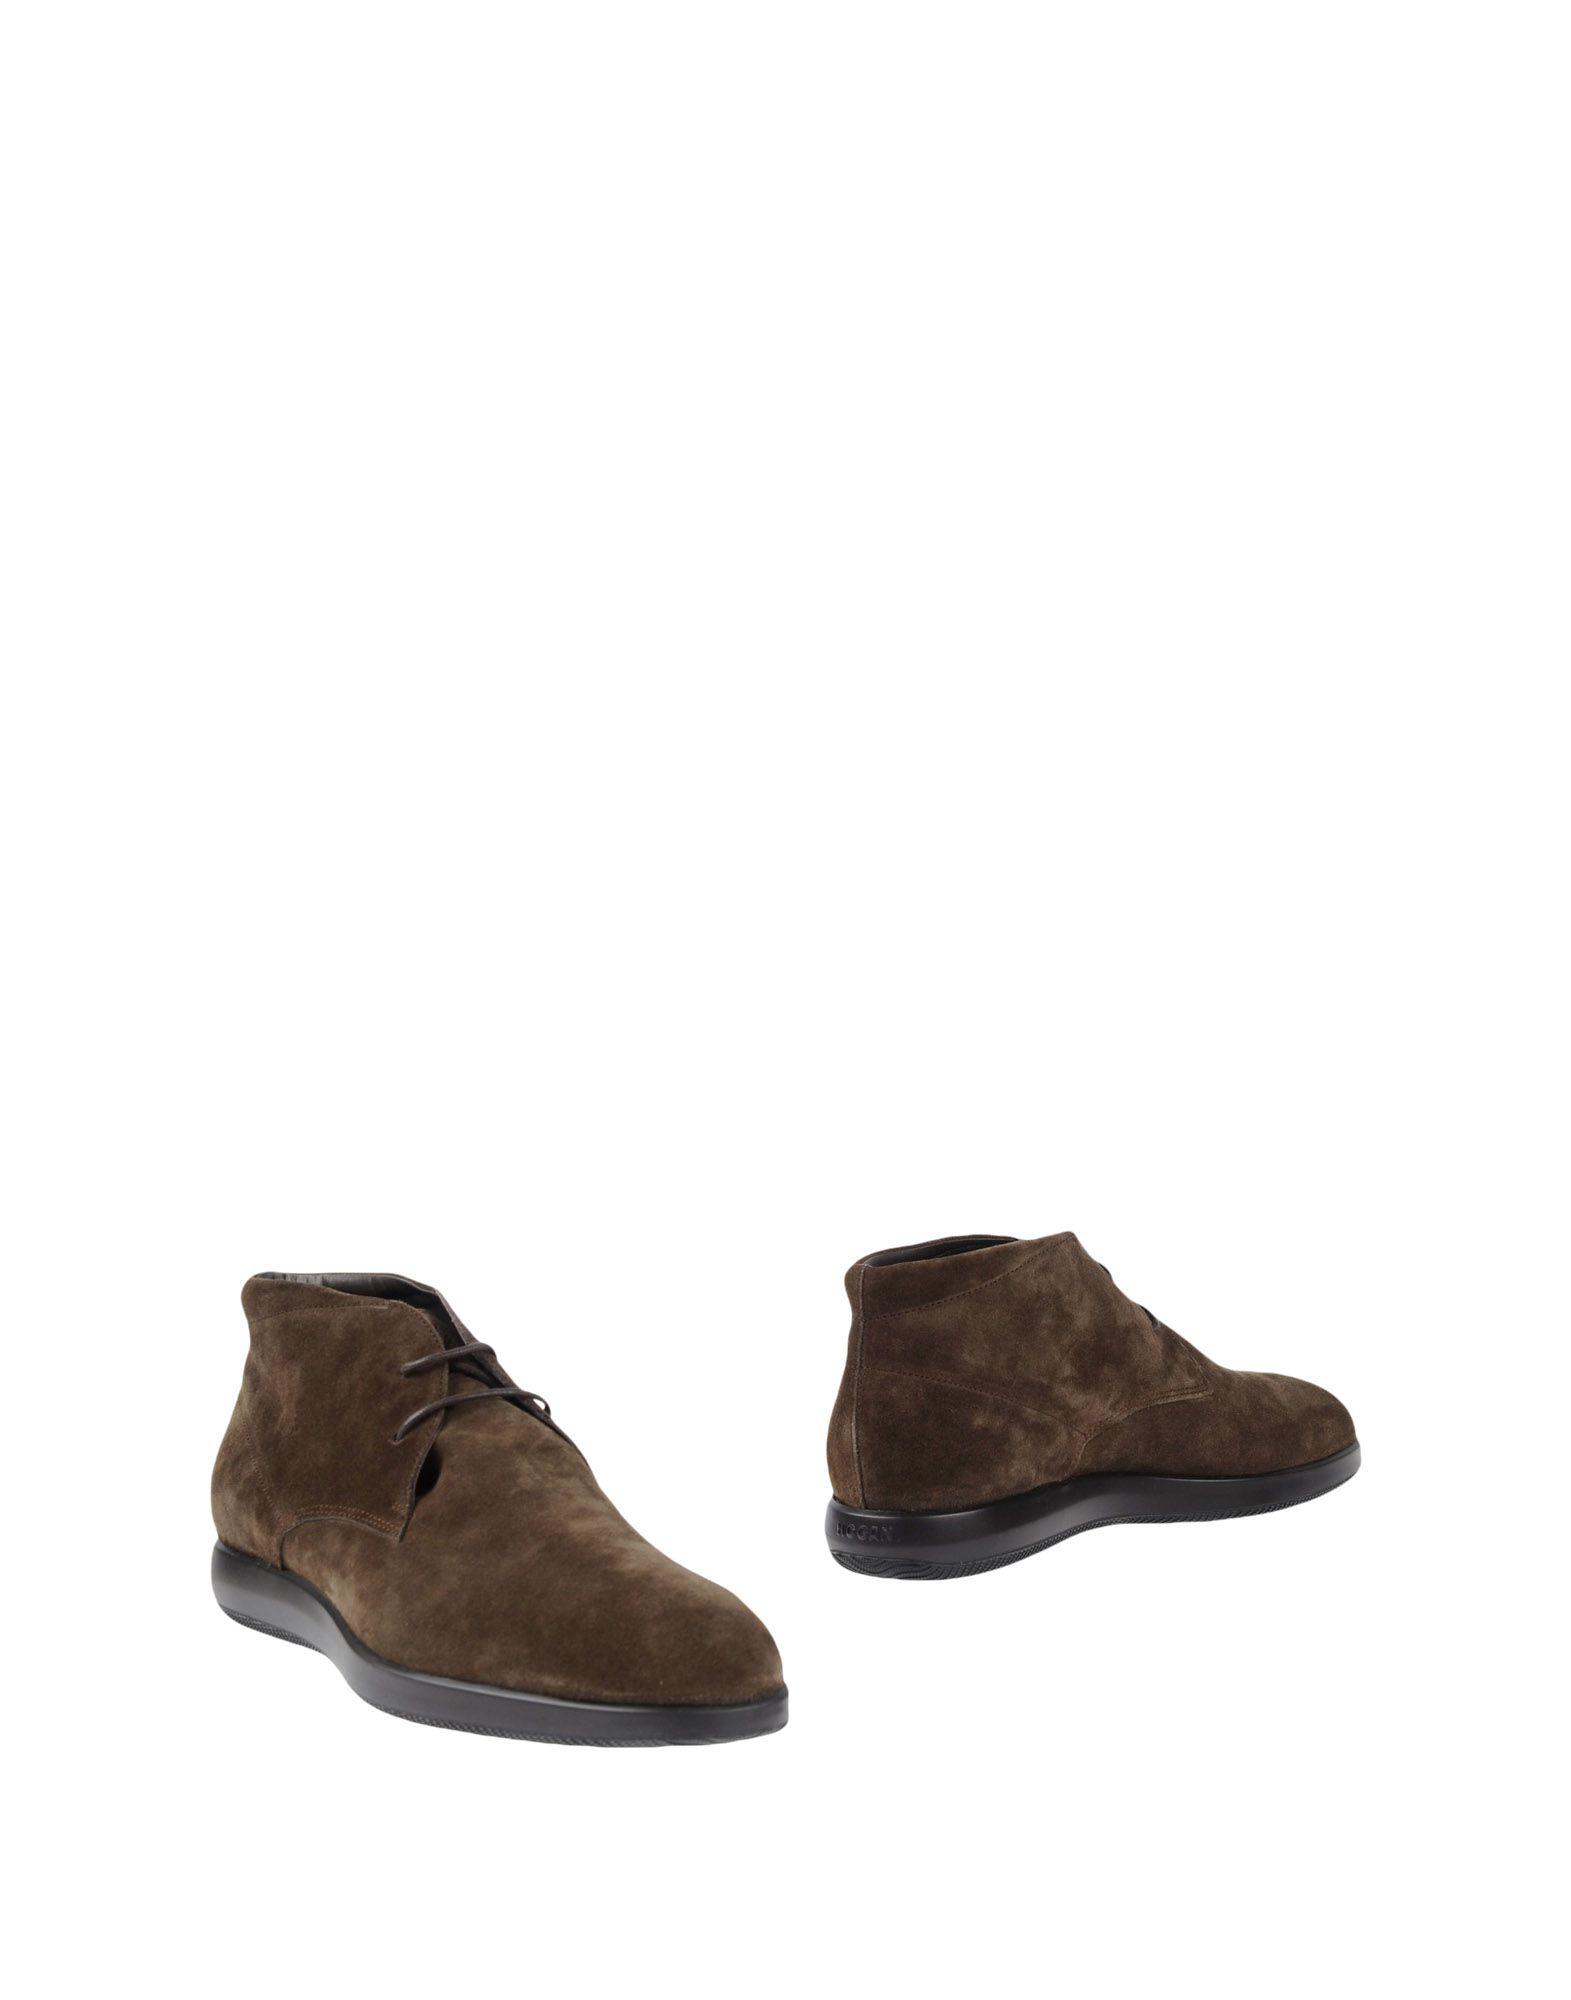 Hogan Stiefelette Herren Qualität  11024709MJ Gute Qualität Herren beliebte Schuhe d69692